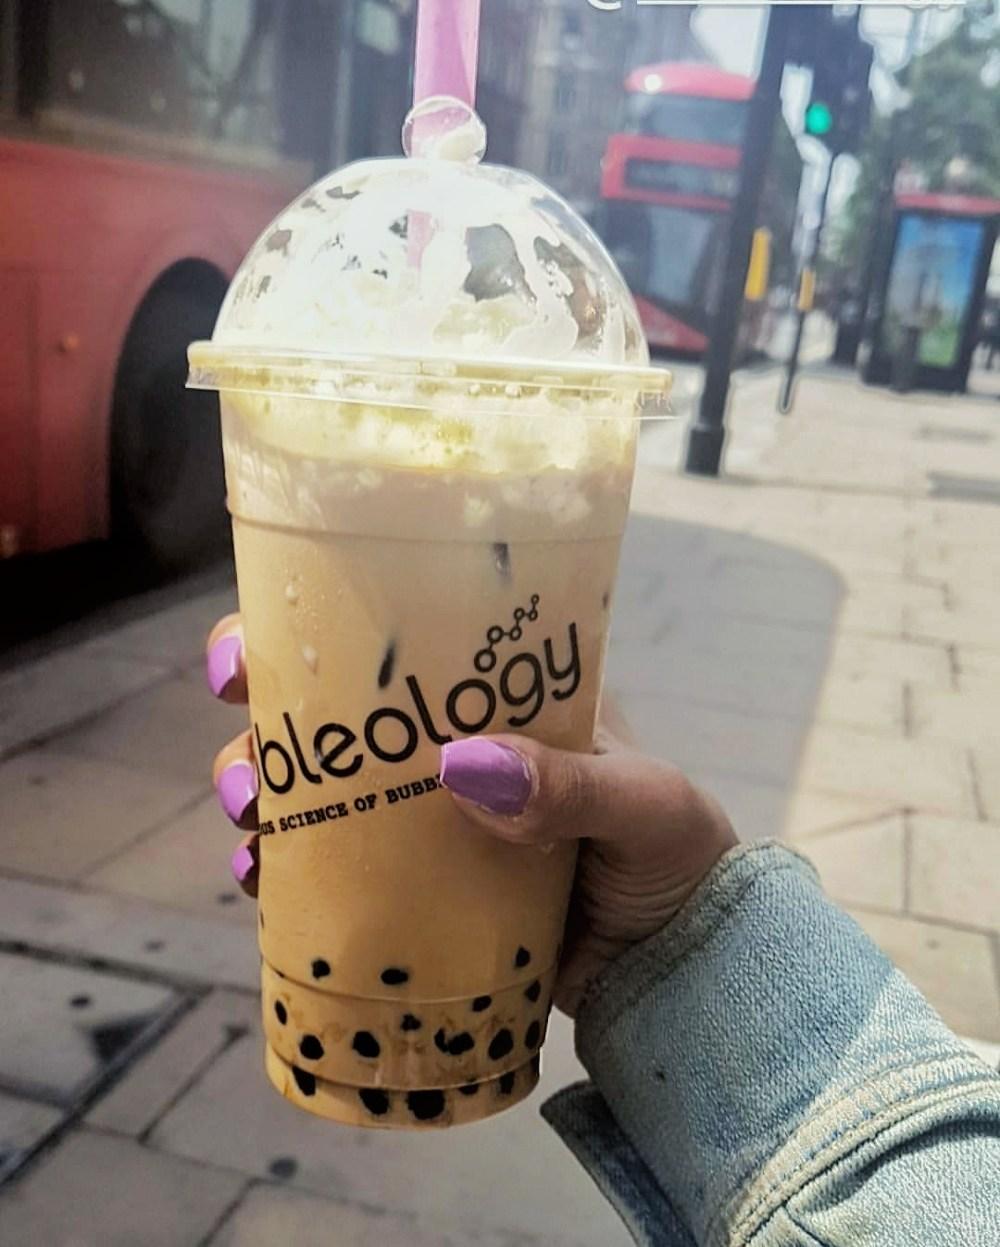 Bubbleology Coffee